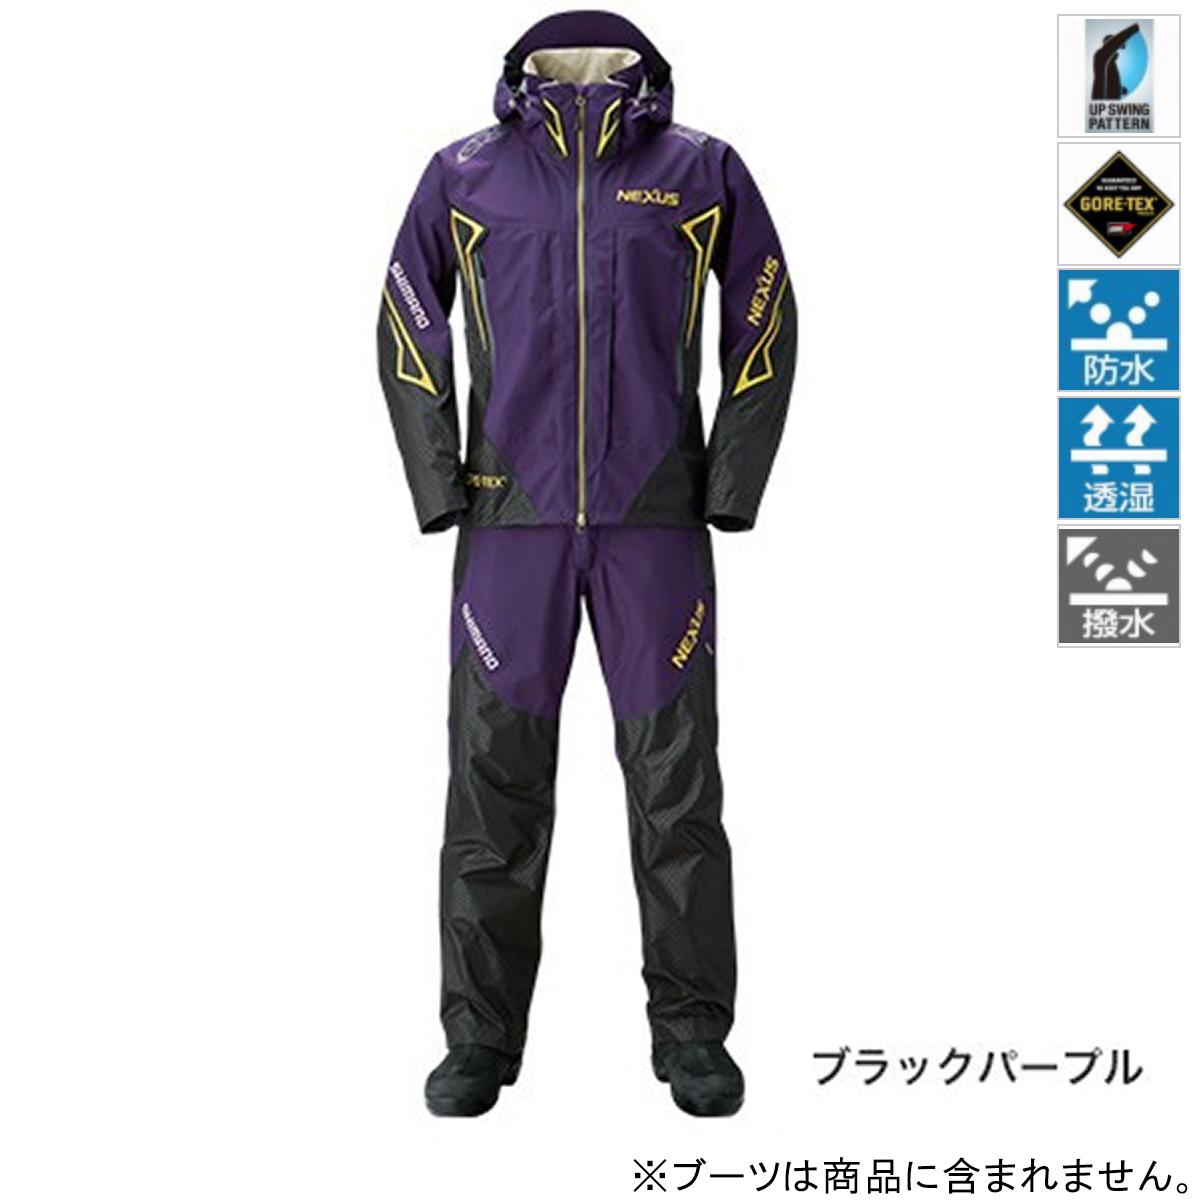 シマノ NEXUS GORE-TEX レインスーツ EX RA-119R M ブラックパープル(東日本店)